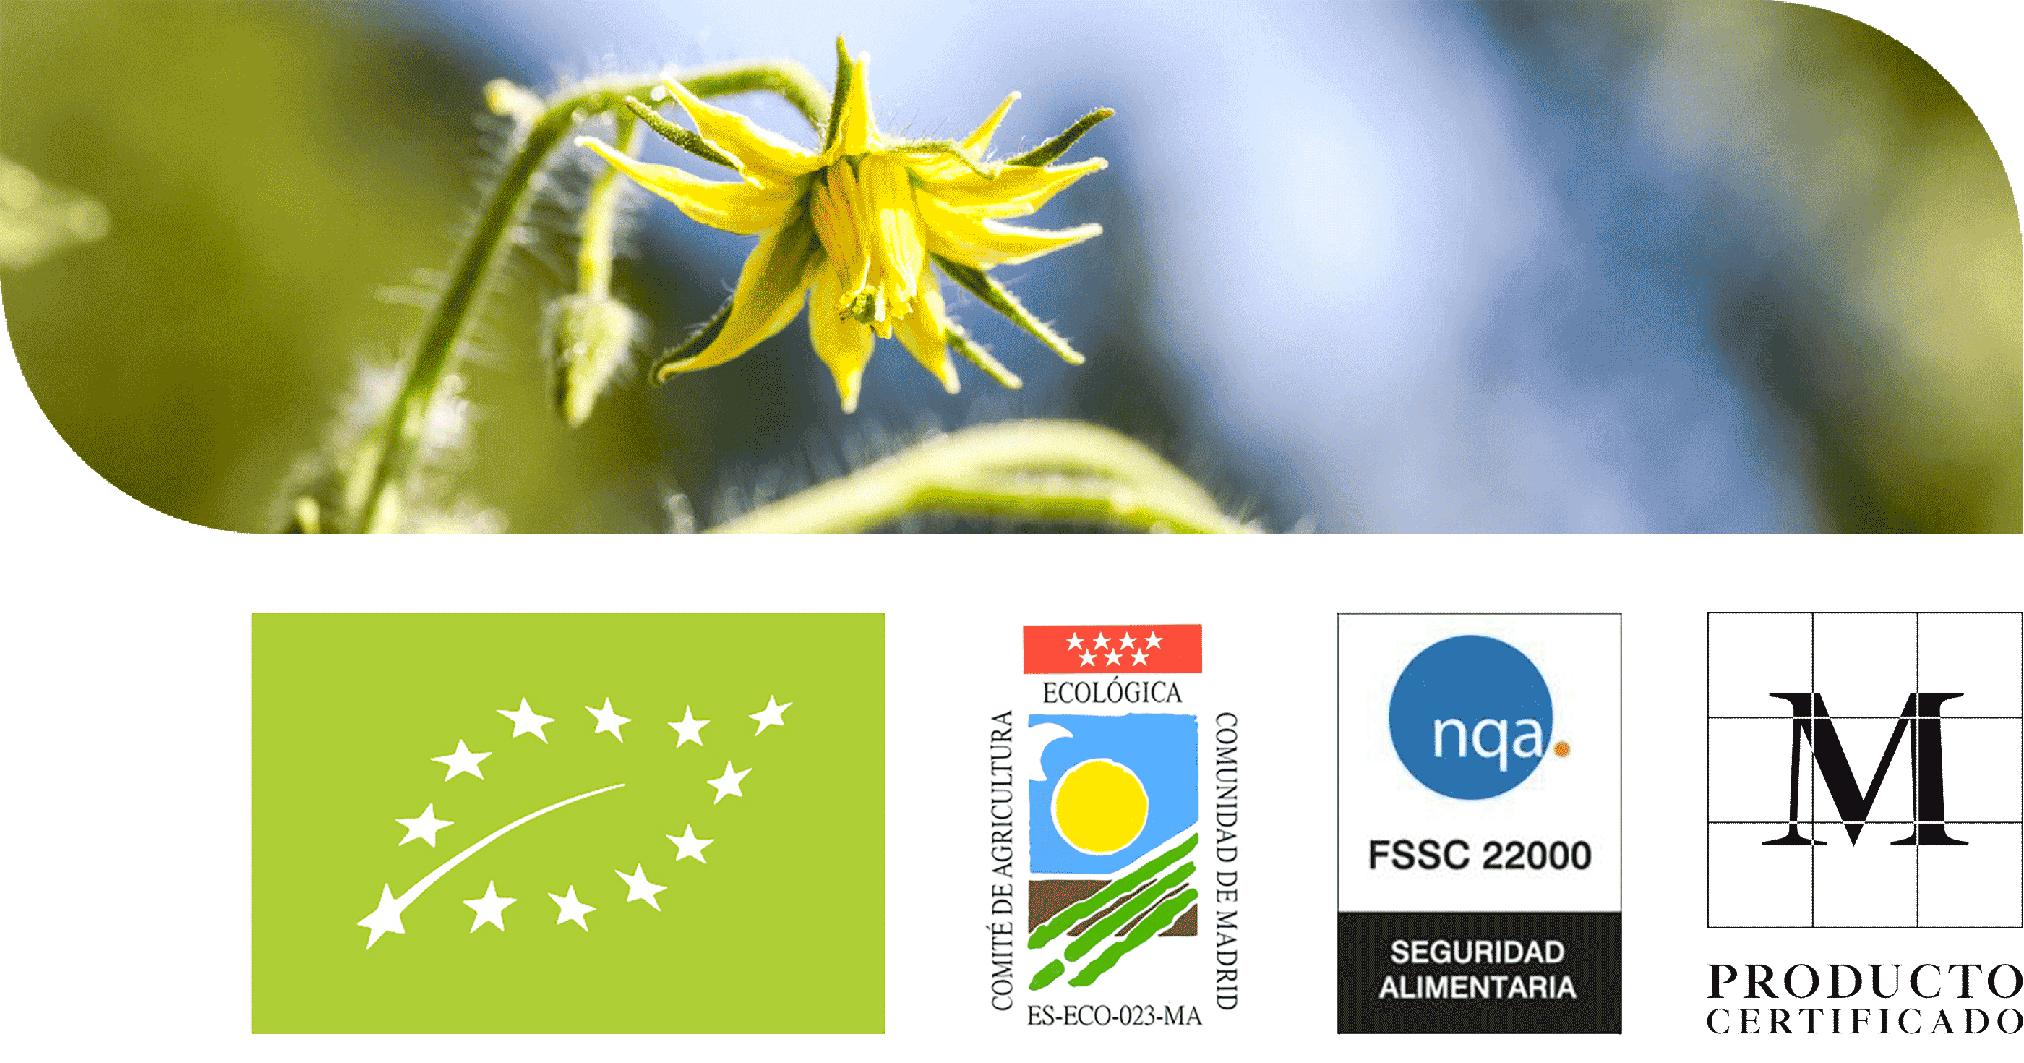 Flor de Tomate y Sellos de certificados ecológicos